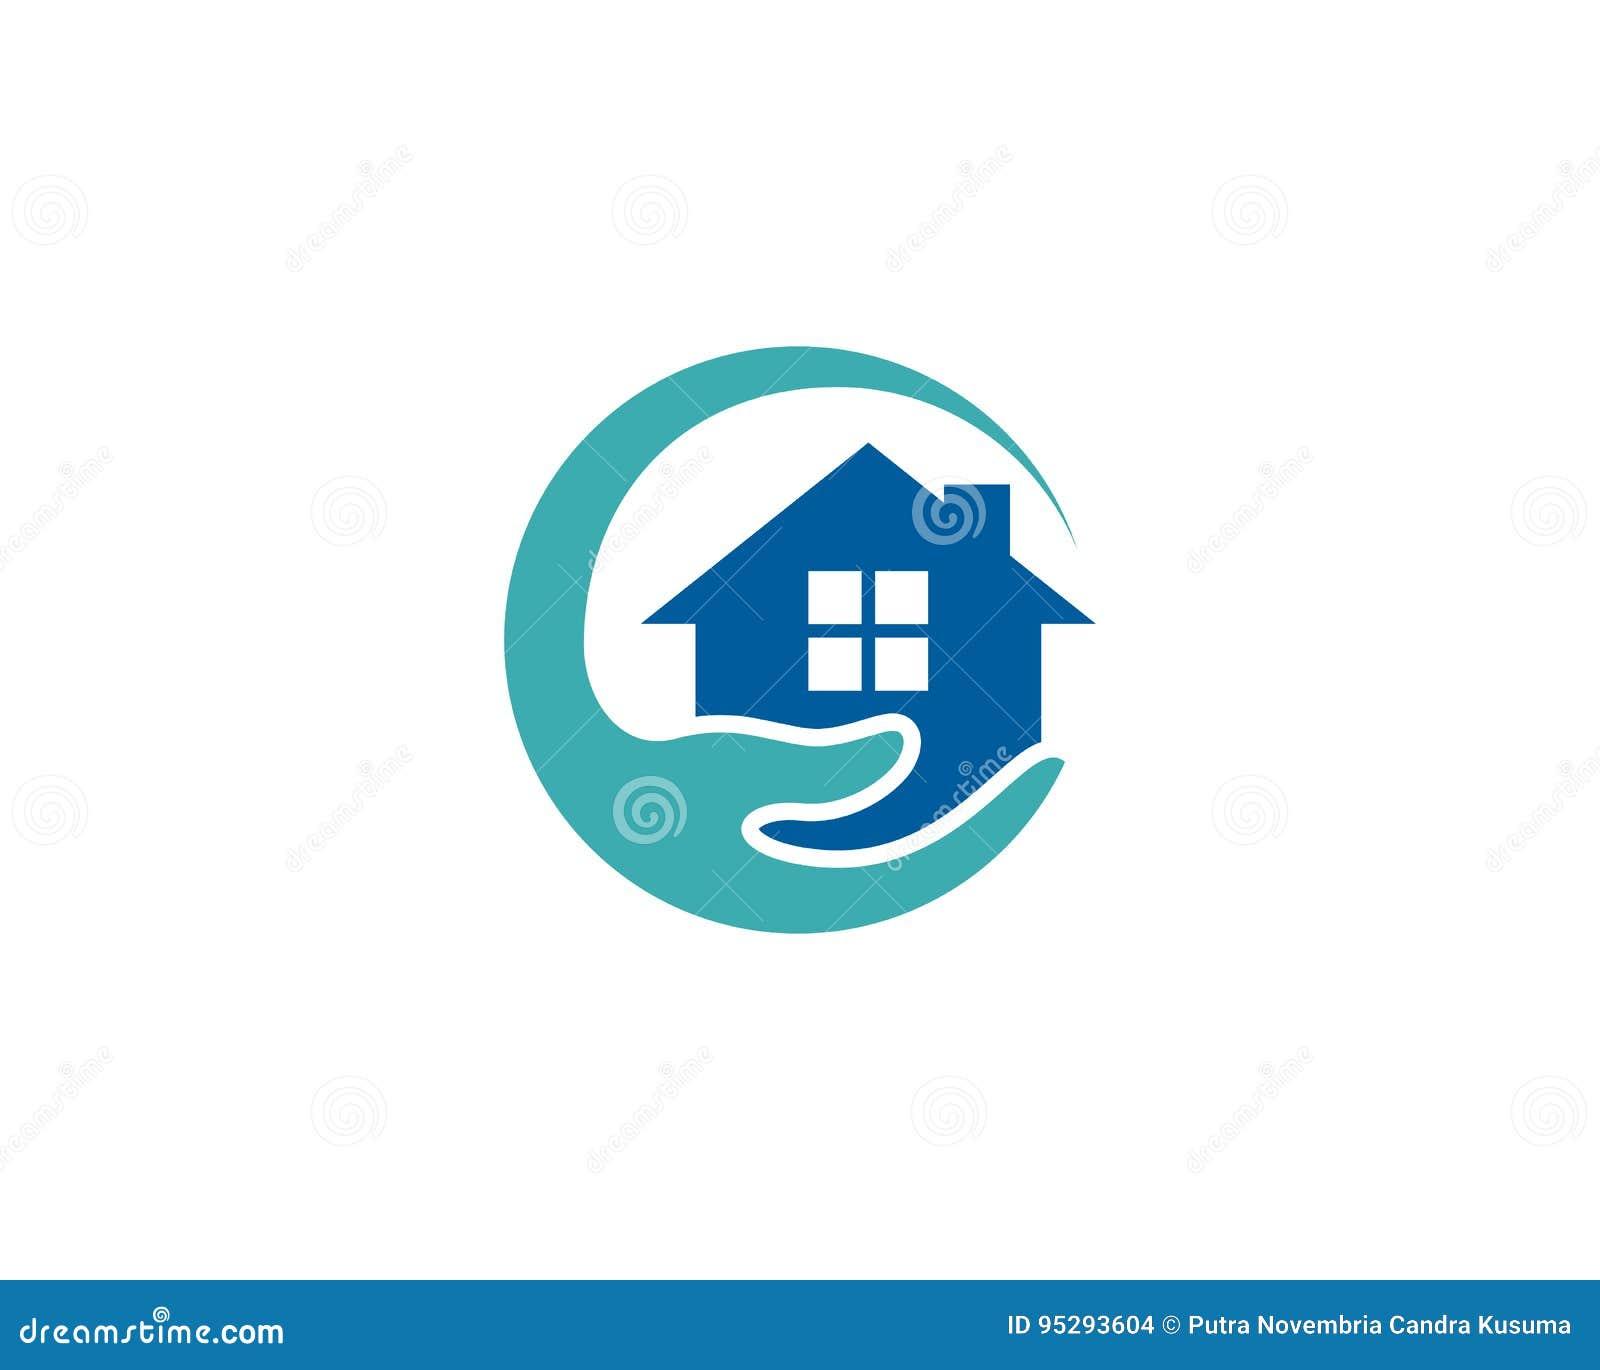 Ic ne logo design element de soins domicile de chambre illustration de vecteur illustration - Homes logo designs ...